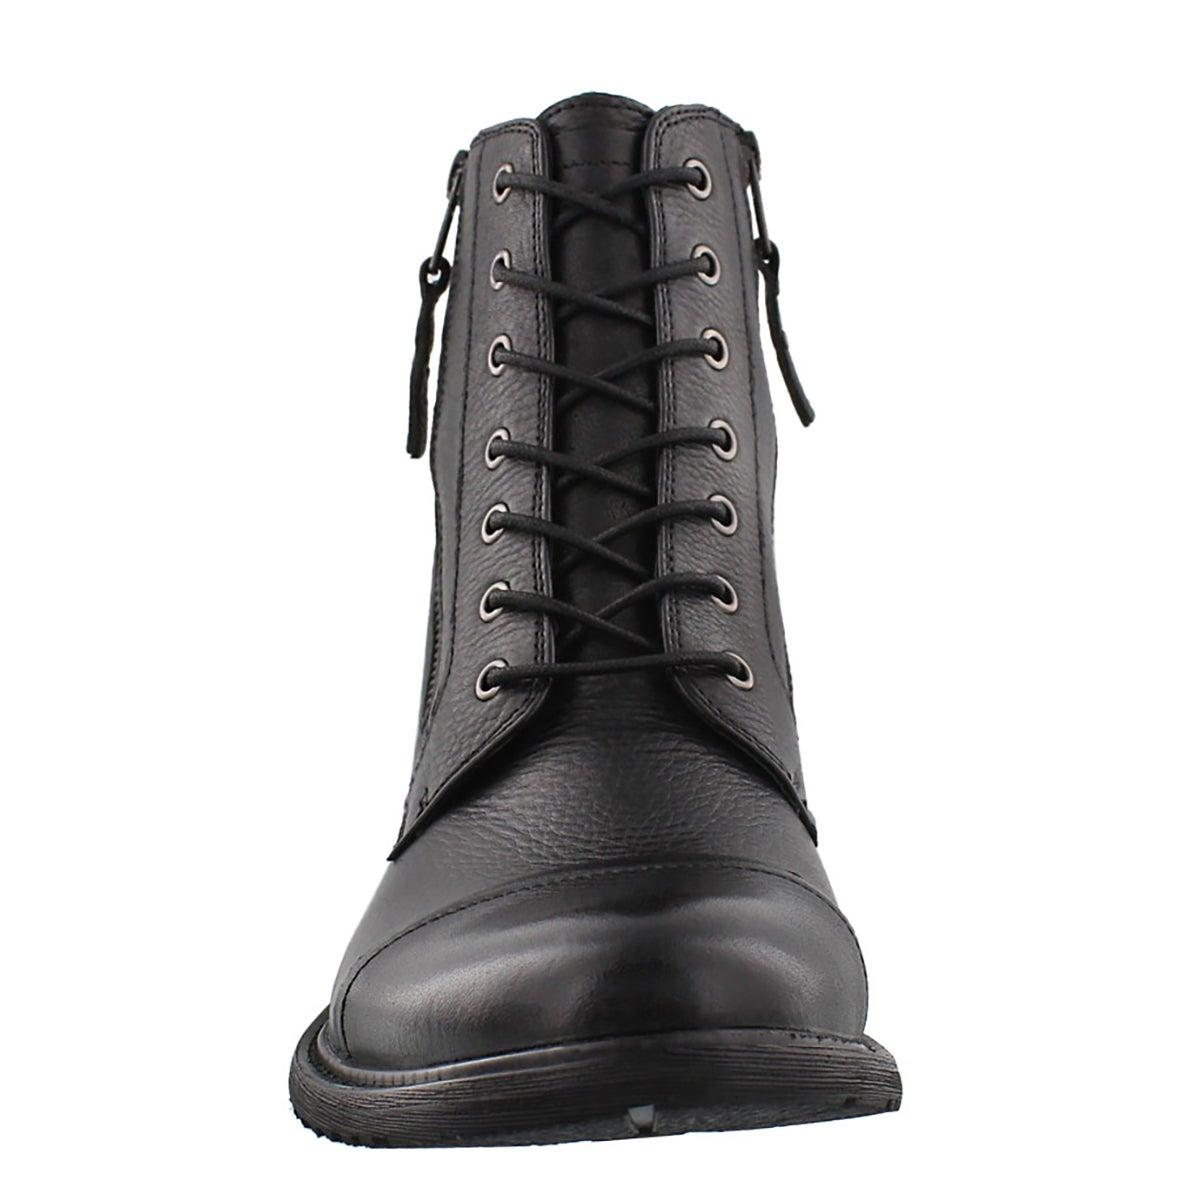 Botte cuir noir TROOPER, hom